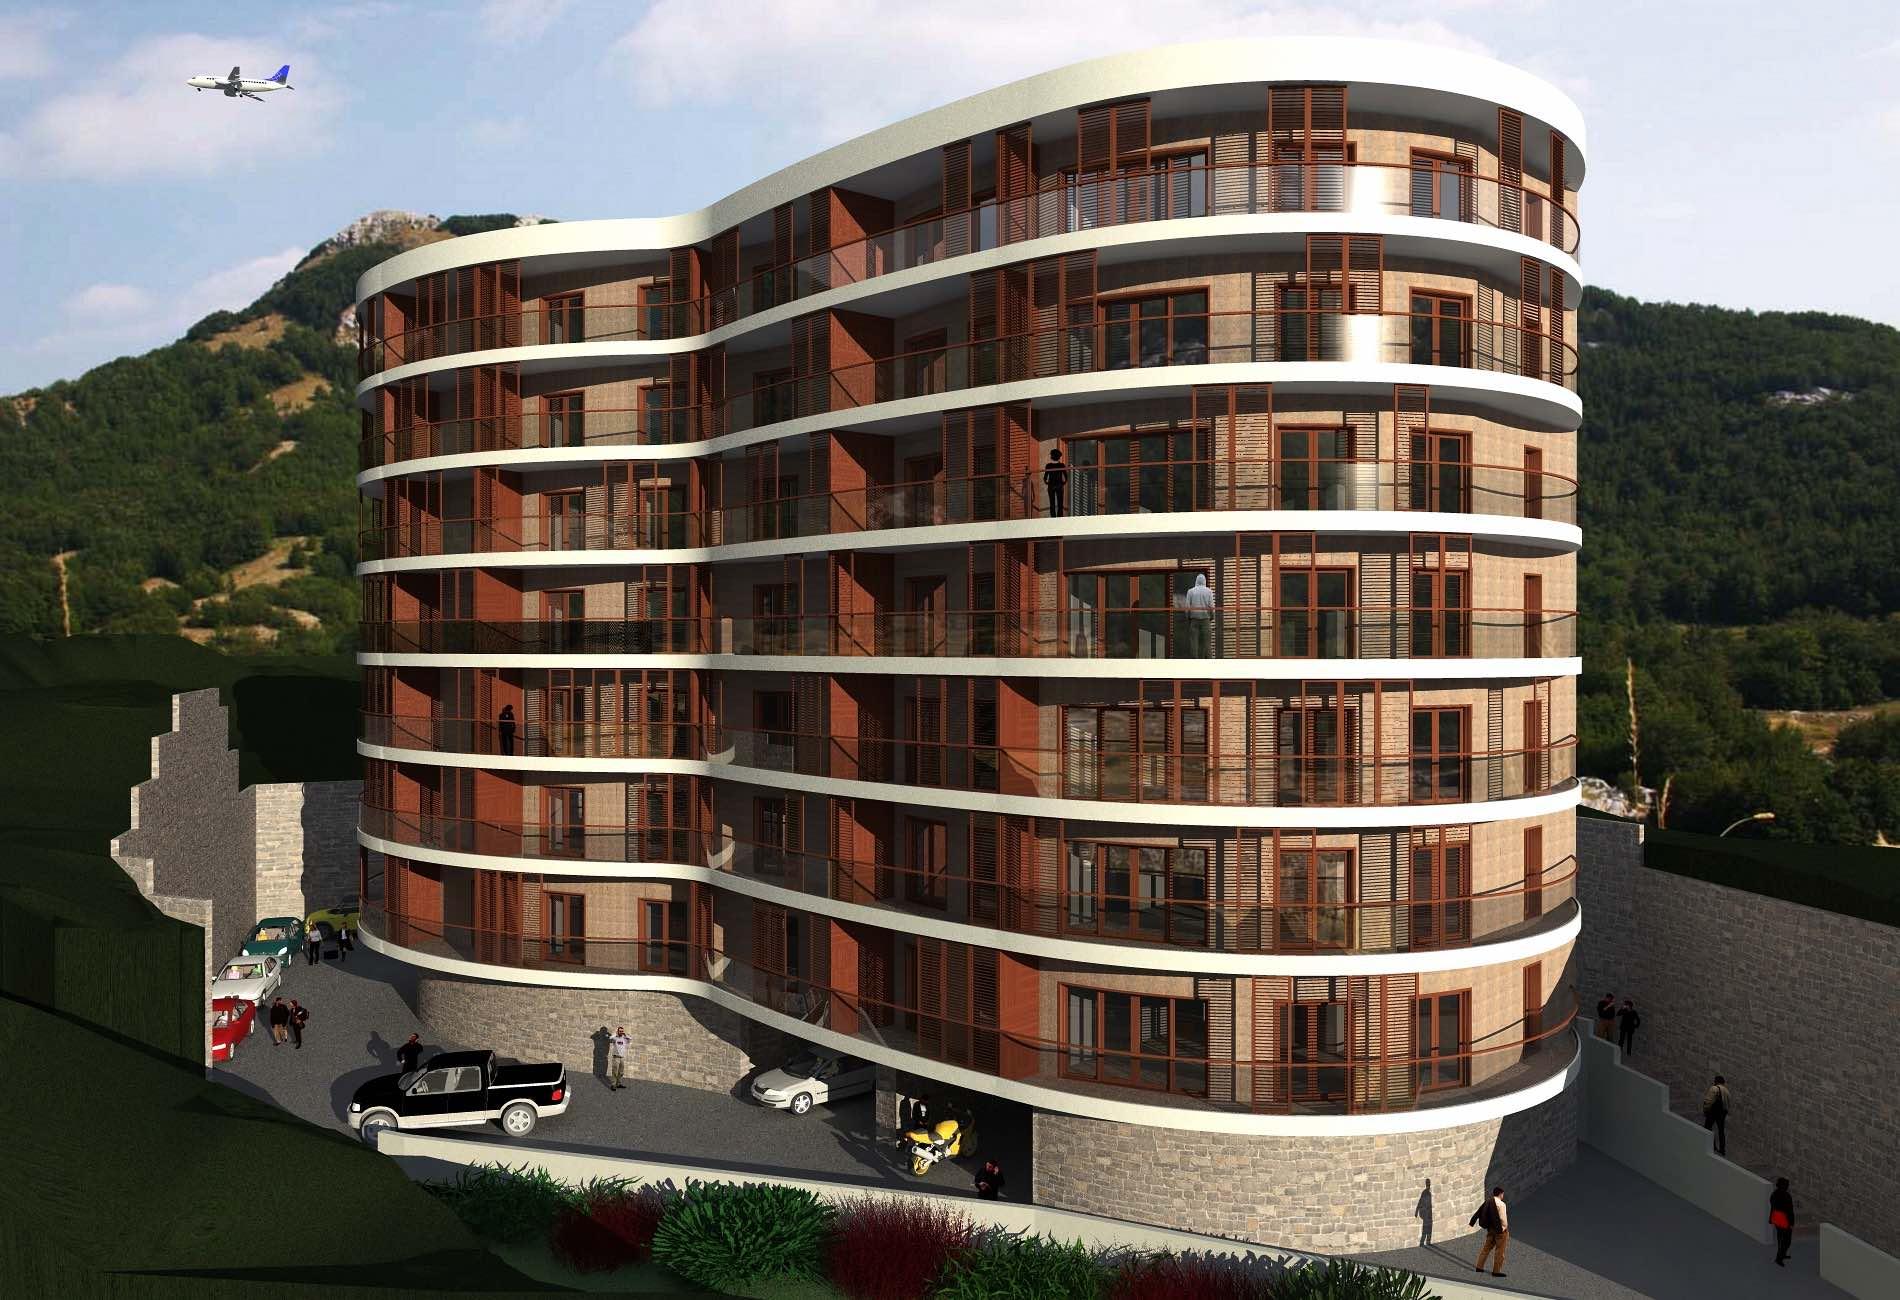 ДОМ ANATOLIA-1 - Это уникальное округлое здание стало реальностью, благодаря смелому архитектурному решению с потрясающим эффектом, состоящим в раскрытии панорамного вида на море и горы.